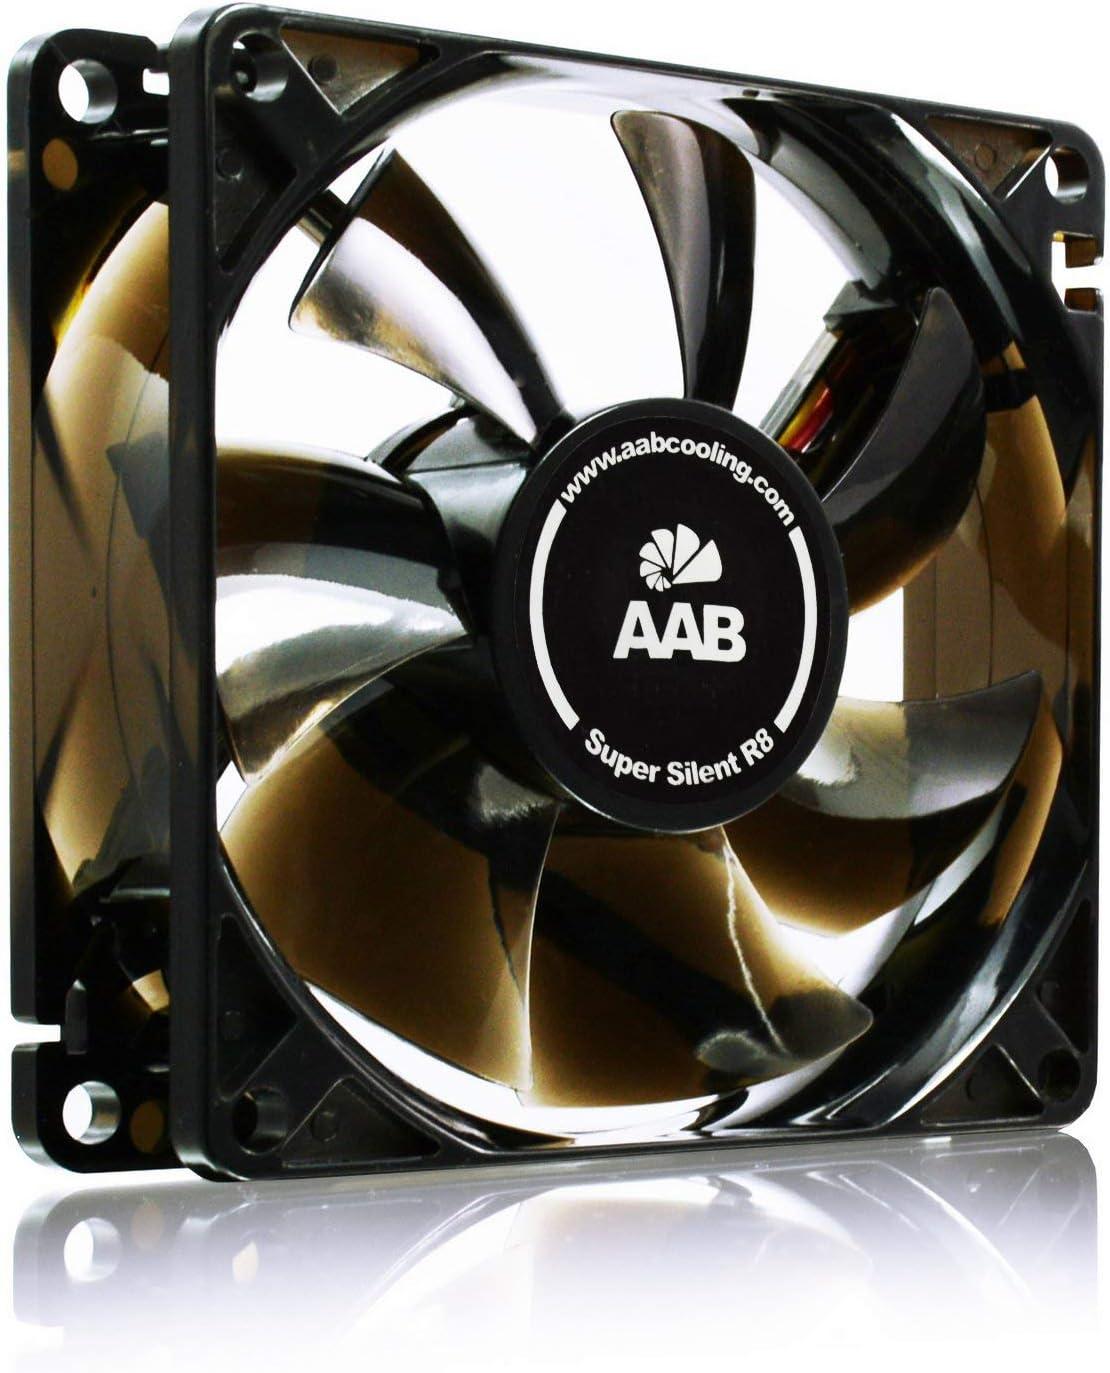 AAB Cooling Super Silent R8 - Un Silencioso y Muy Efectivo Ventilador 80mm con Adaptador de Bajo Ruido, Fan PC, Ventilador 12V Coche, Ventilador de Portatil, 33-25 m3/h, 1600-1200 RPM